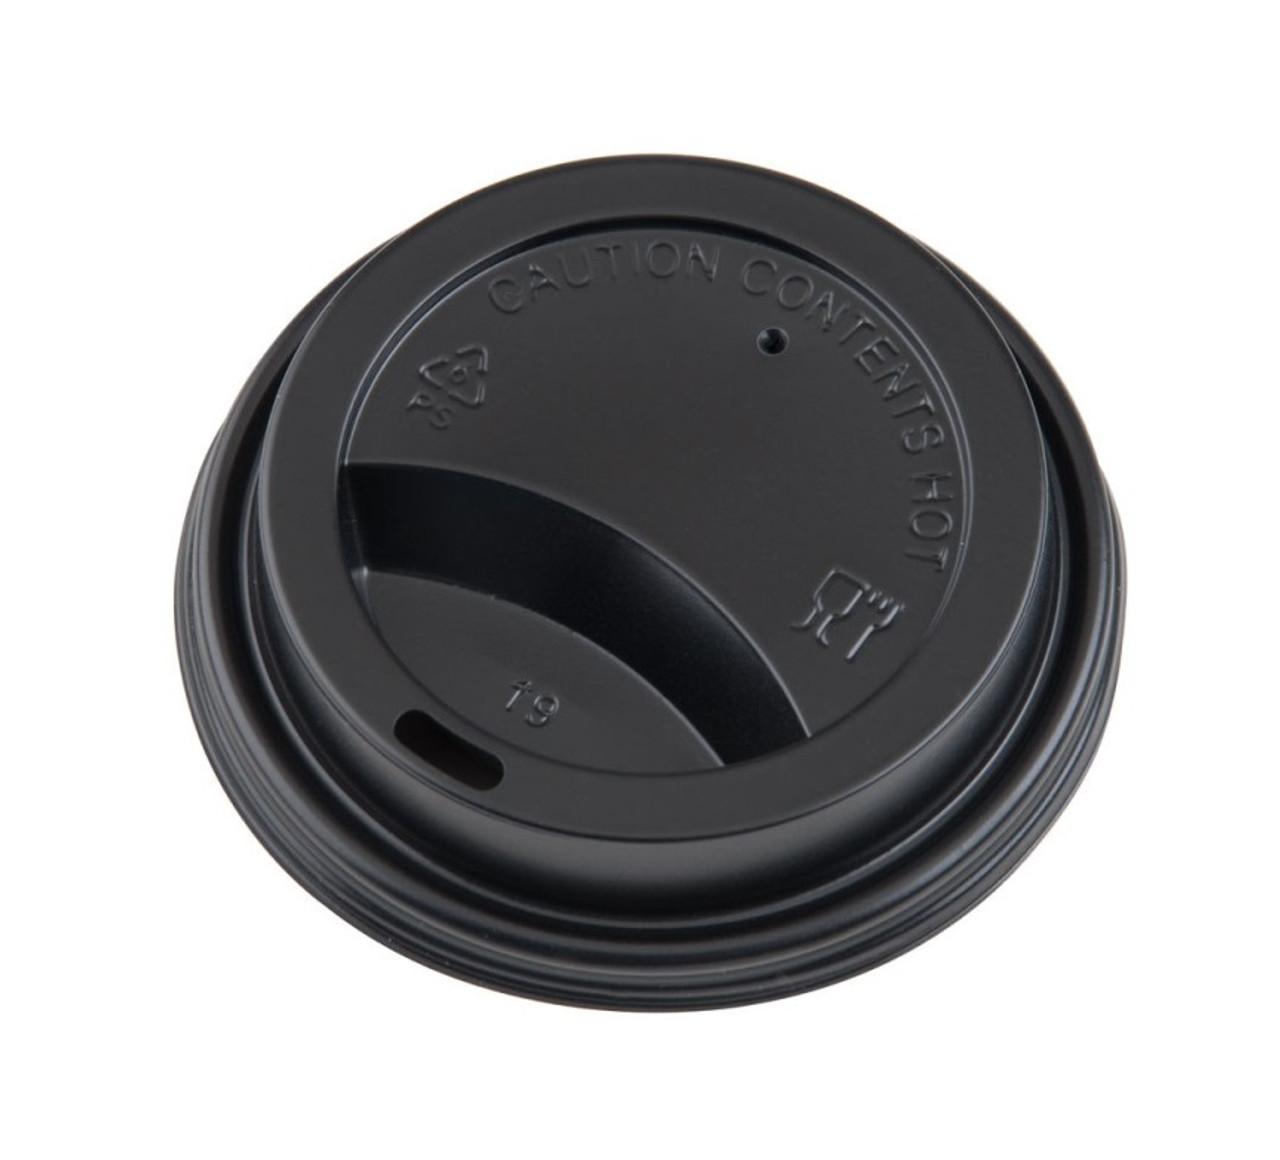 Hot Cup Lids - Black - 10-20oz